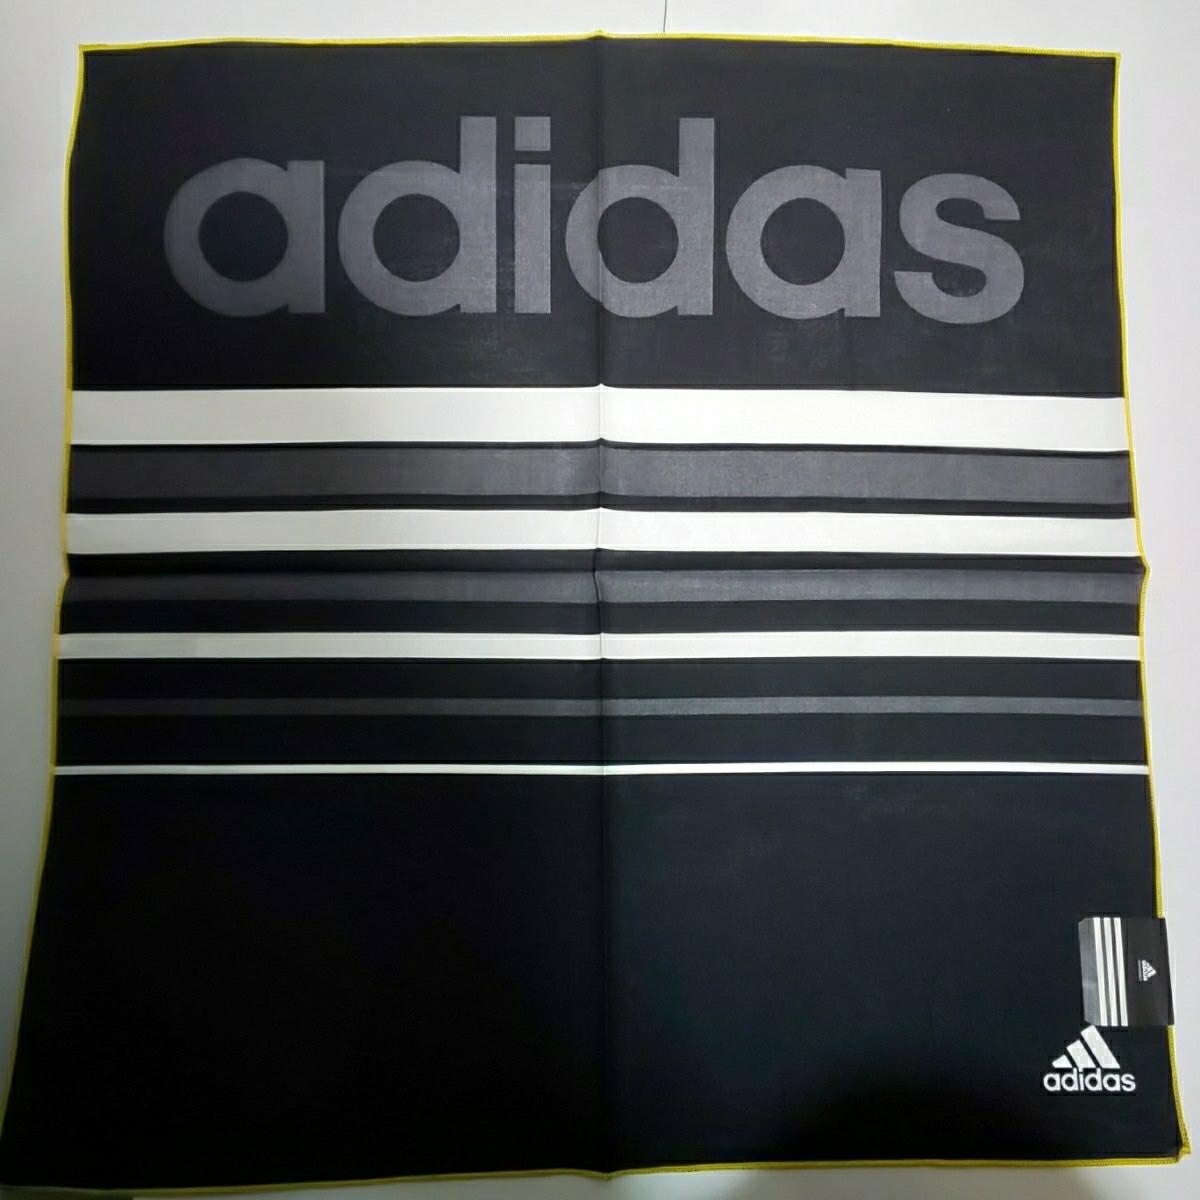 新品 adidas ランチーフ 3枚セット アディダス ランチクロス 給食ナフキンに _画像3